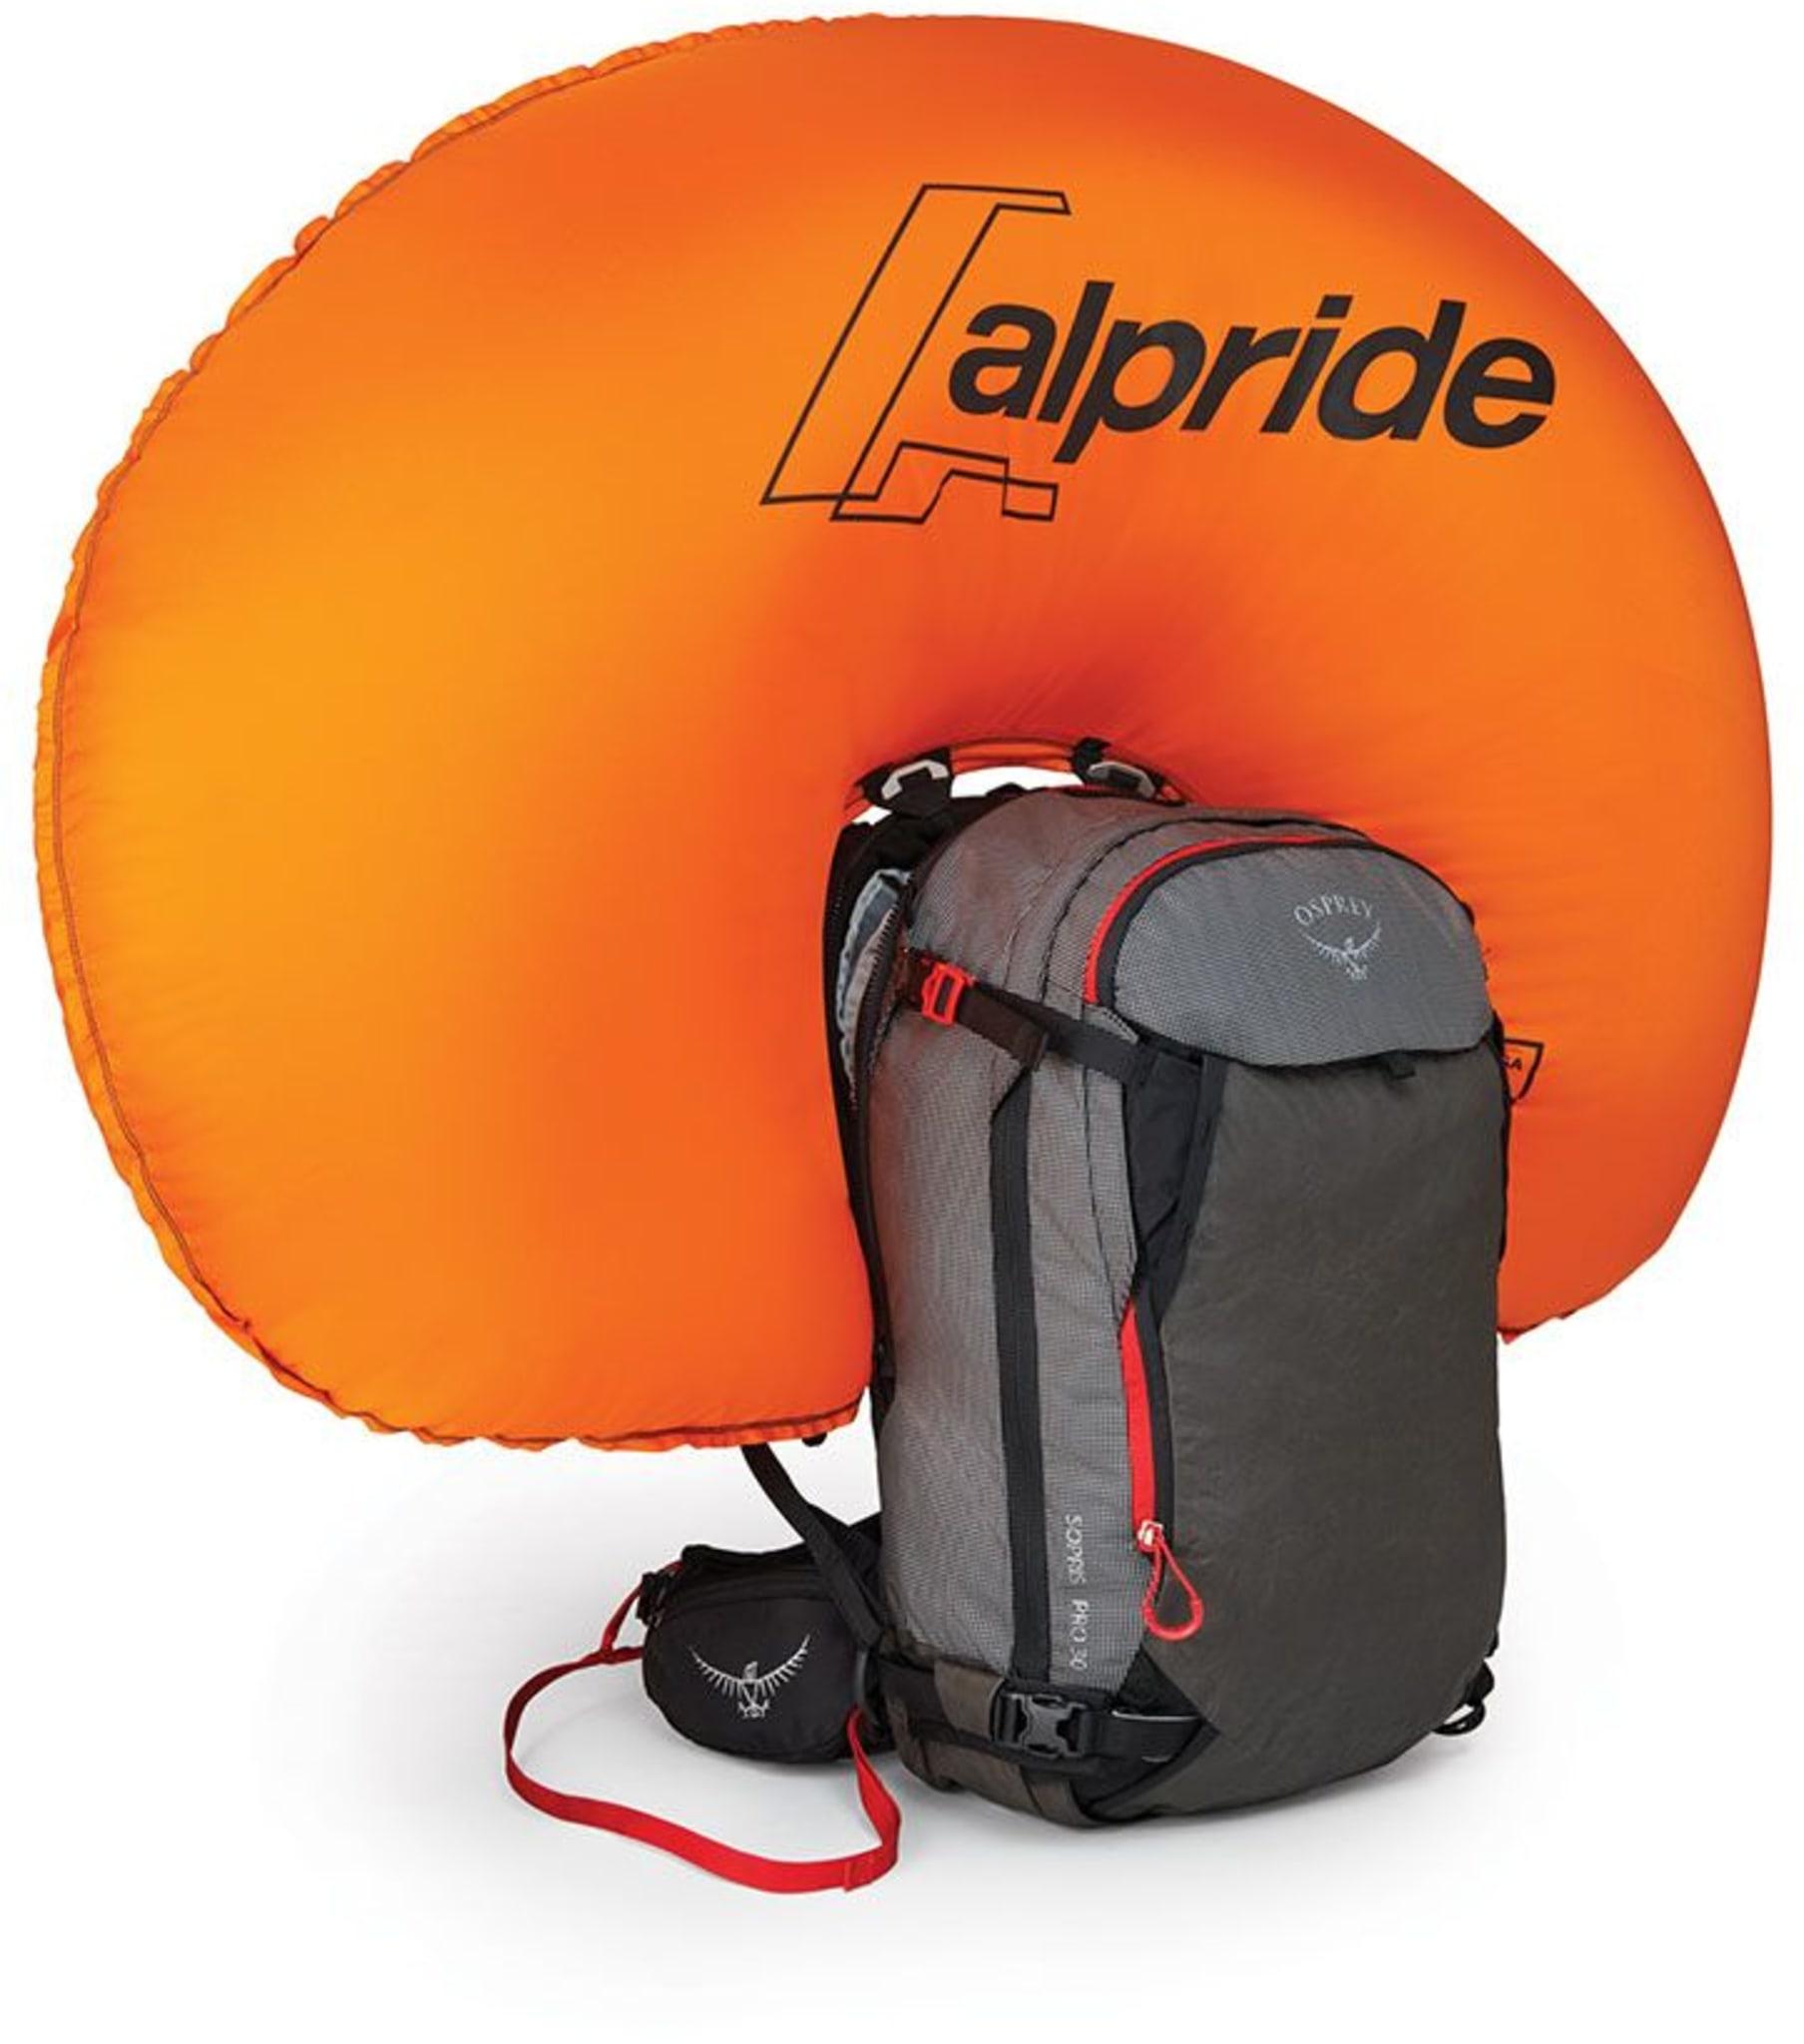 Elektrisk ballongsekk med lav vekt og topp kvalitet, laget for damer!